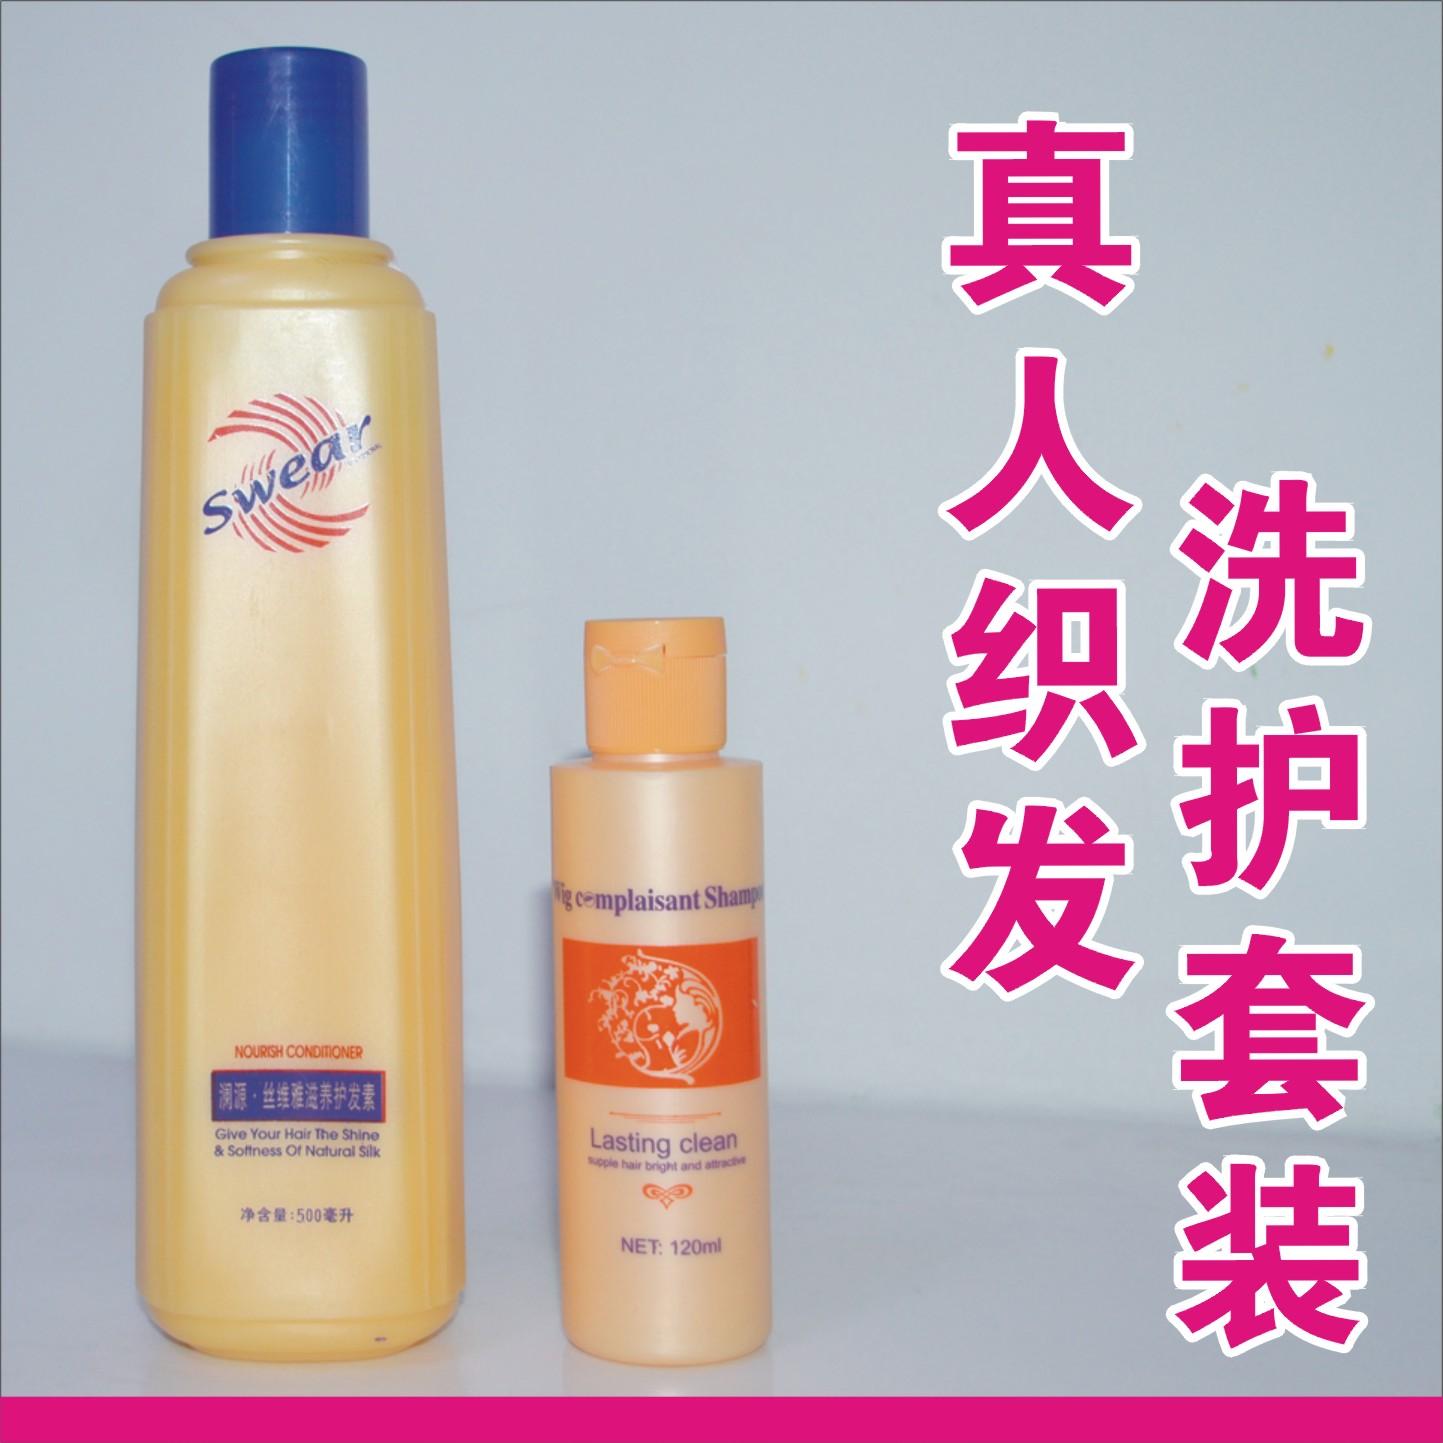 织发补发假发发块双面胶假发专用洗发水护发素真人发洗护保养套装